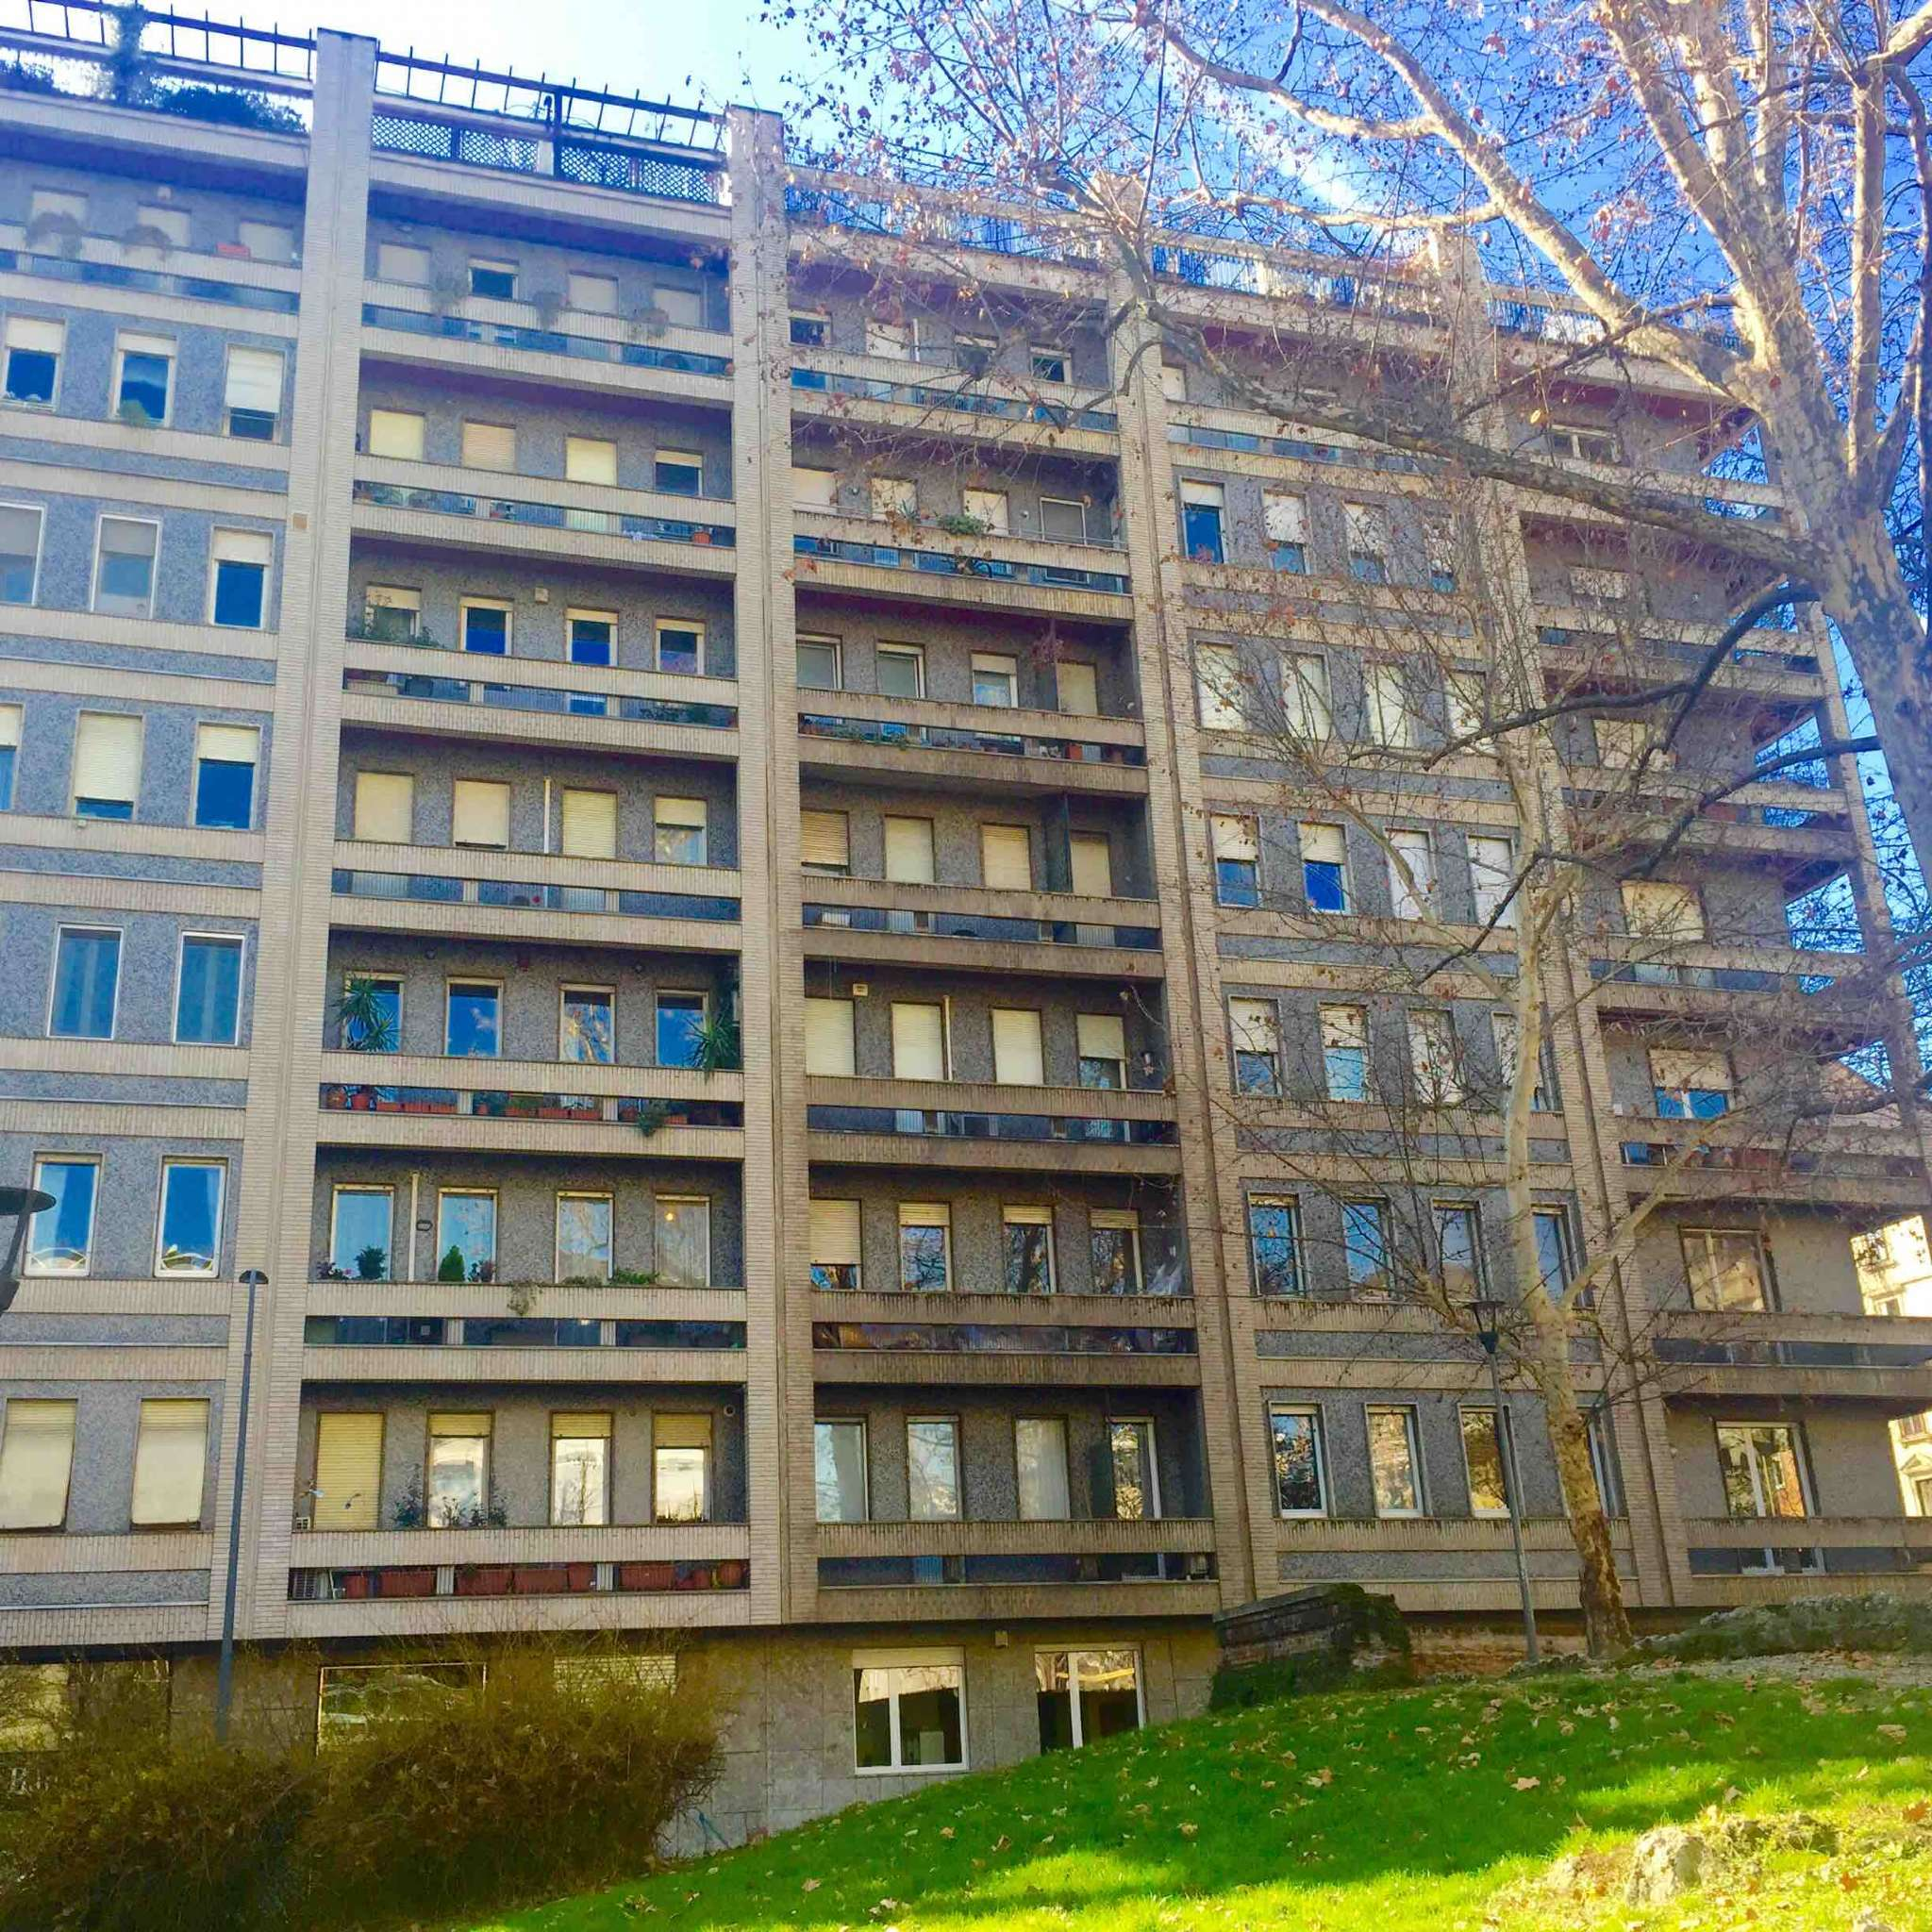 Appartamento in vendita a Milano, 6 locali, zona Zona: 6 . V Giornate, XXII Marzo, P.ta Romana, Viale Corsica, Tribunale, Policlinico, prezzo € 1.090.000 | CambioCasa.it